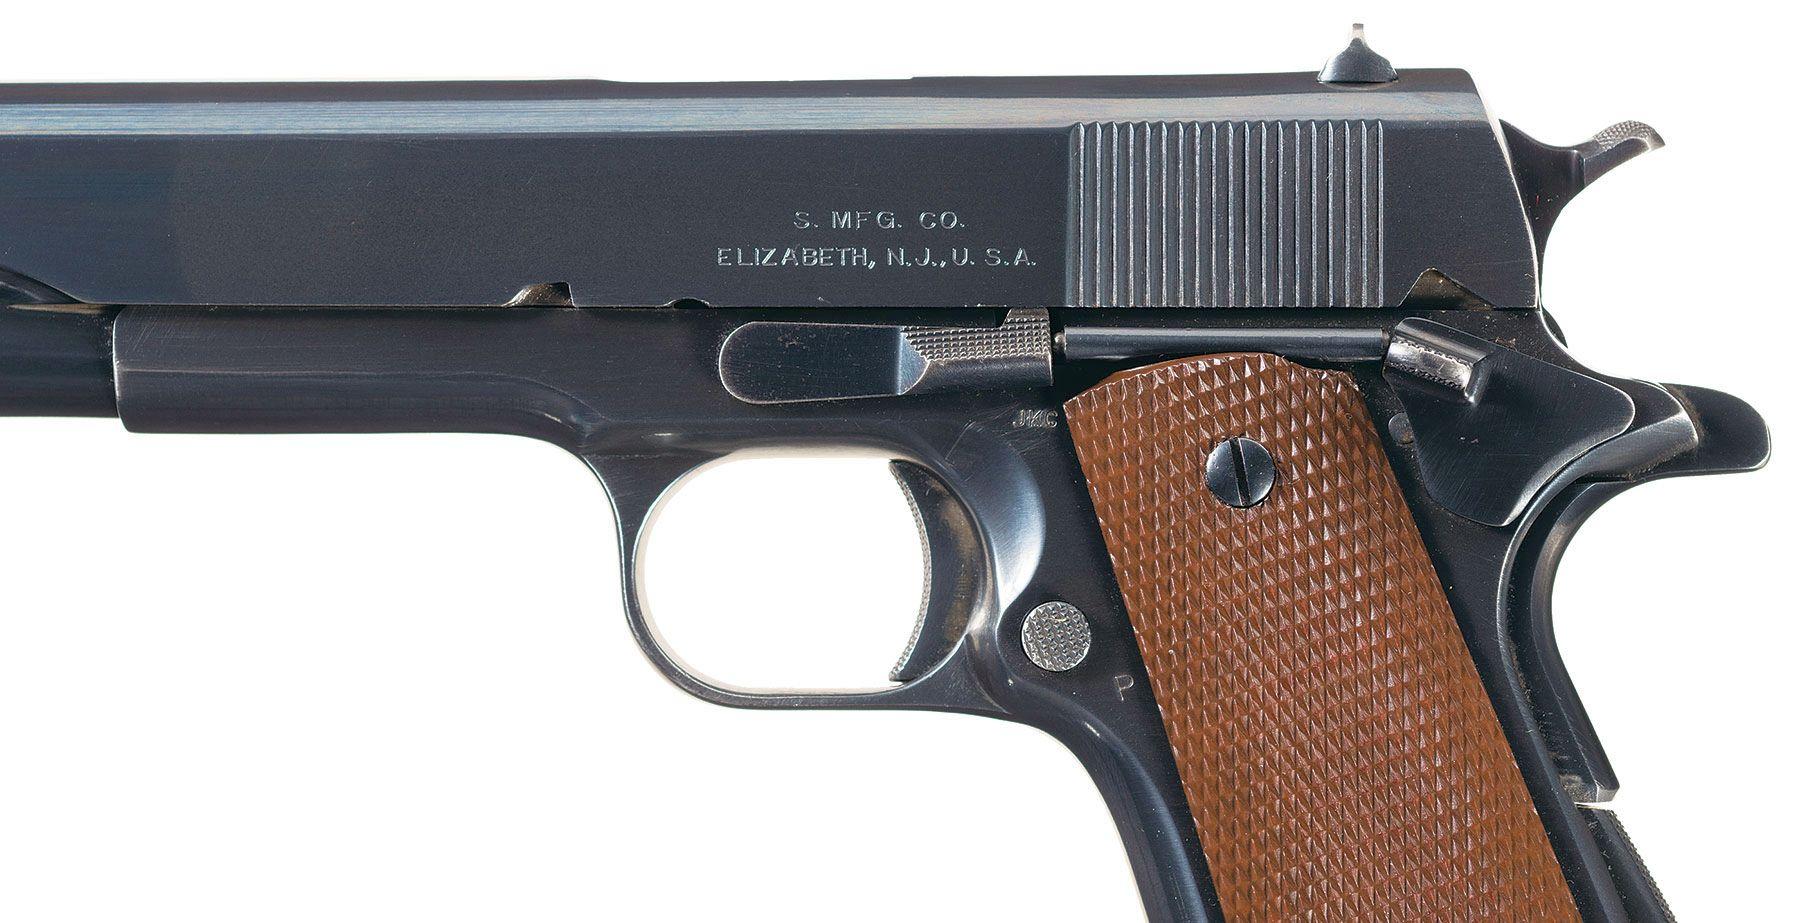 Singer Colt M1911A1